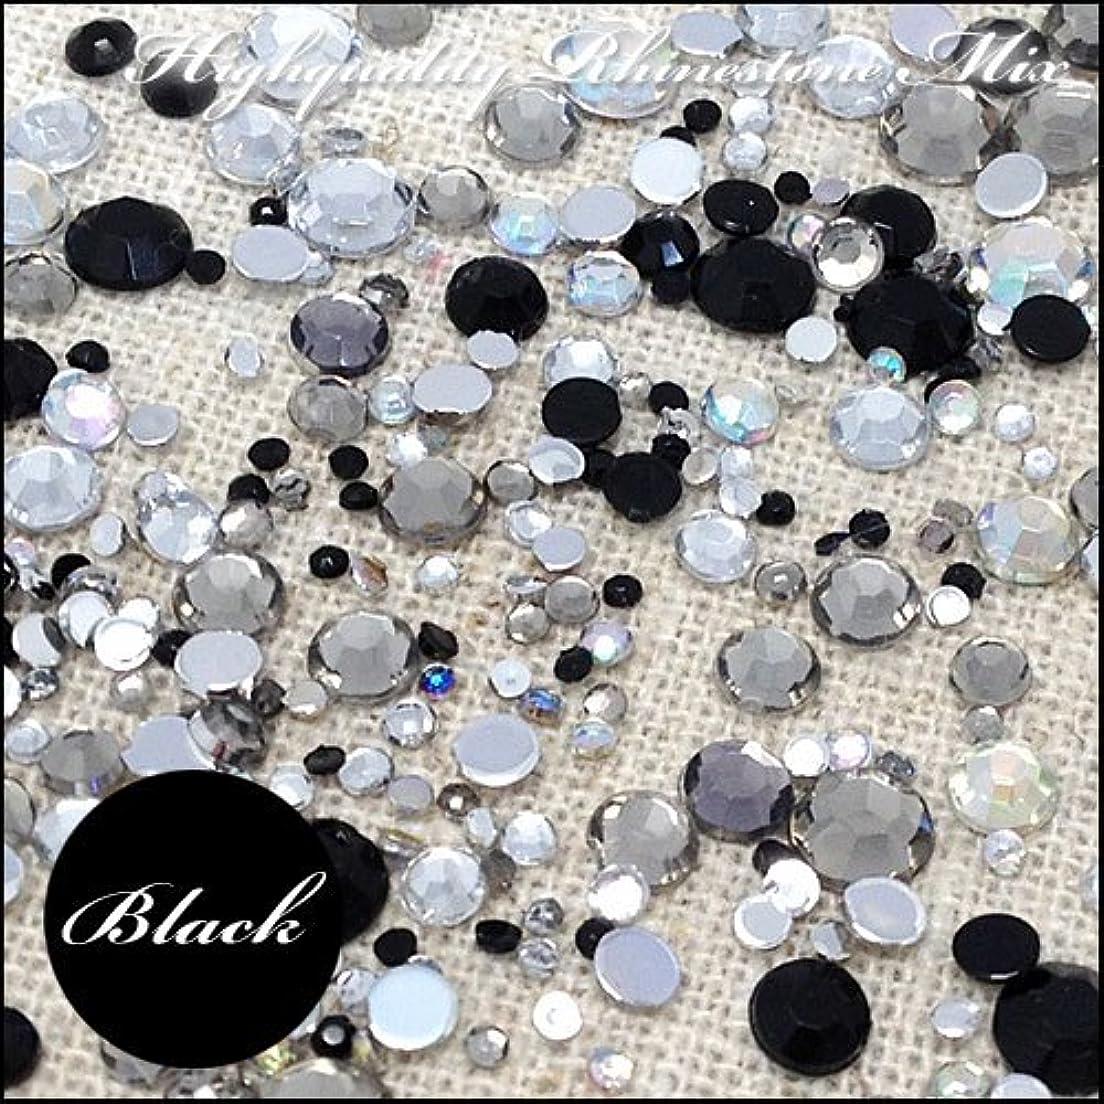 断言する引き付けるウール高品質ダイヤカットストーンカラー系パック「ブラック系」合計250個入り~1.5mm/2mm/3mm/4mm/5mm~